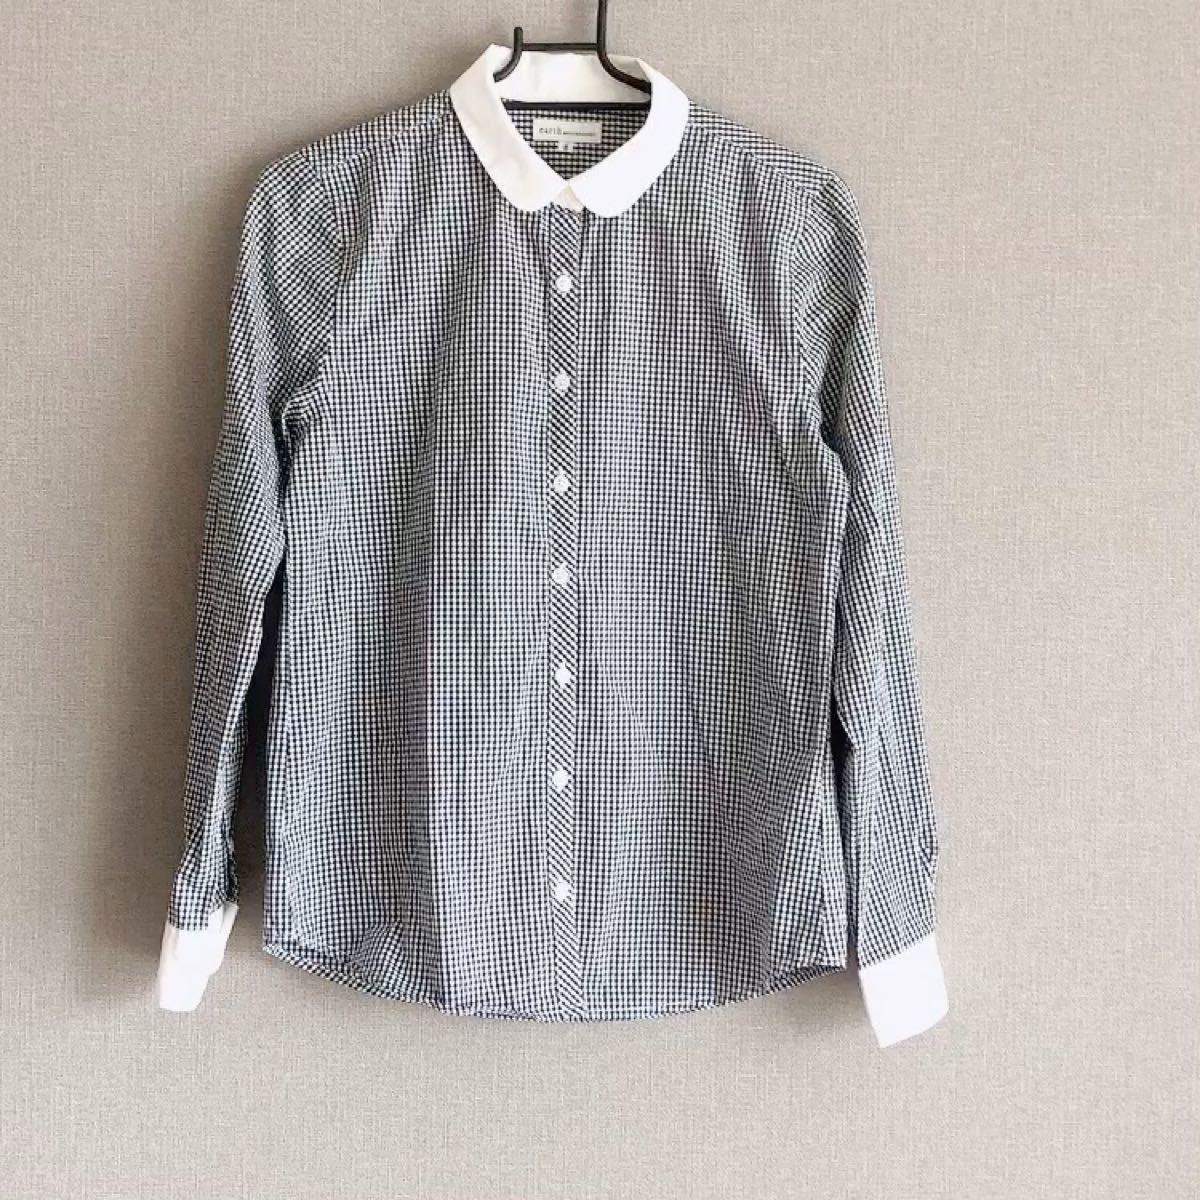 ギンガムチェックシャツ ギンガムチェック柄 コットンシャツ 長袖シャツ